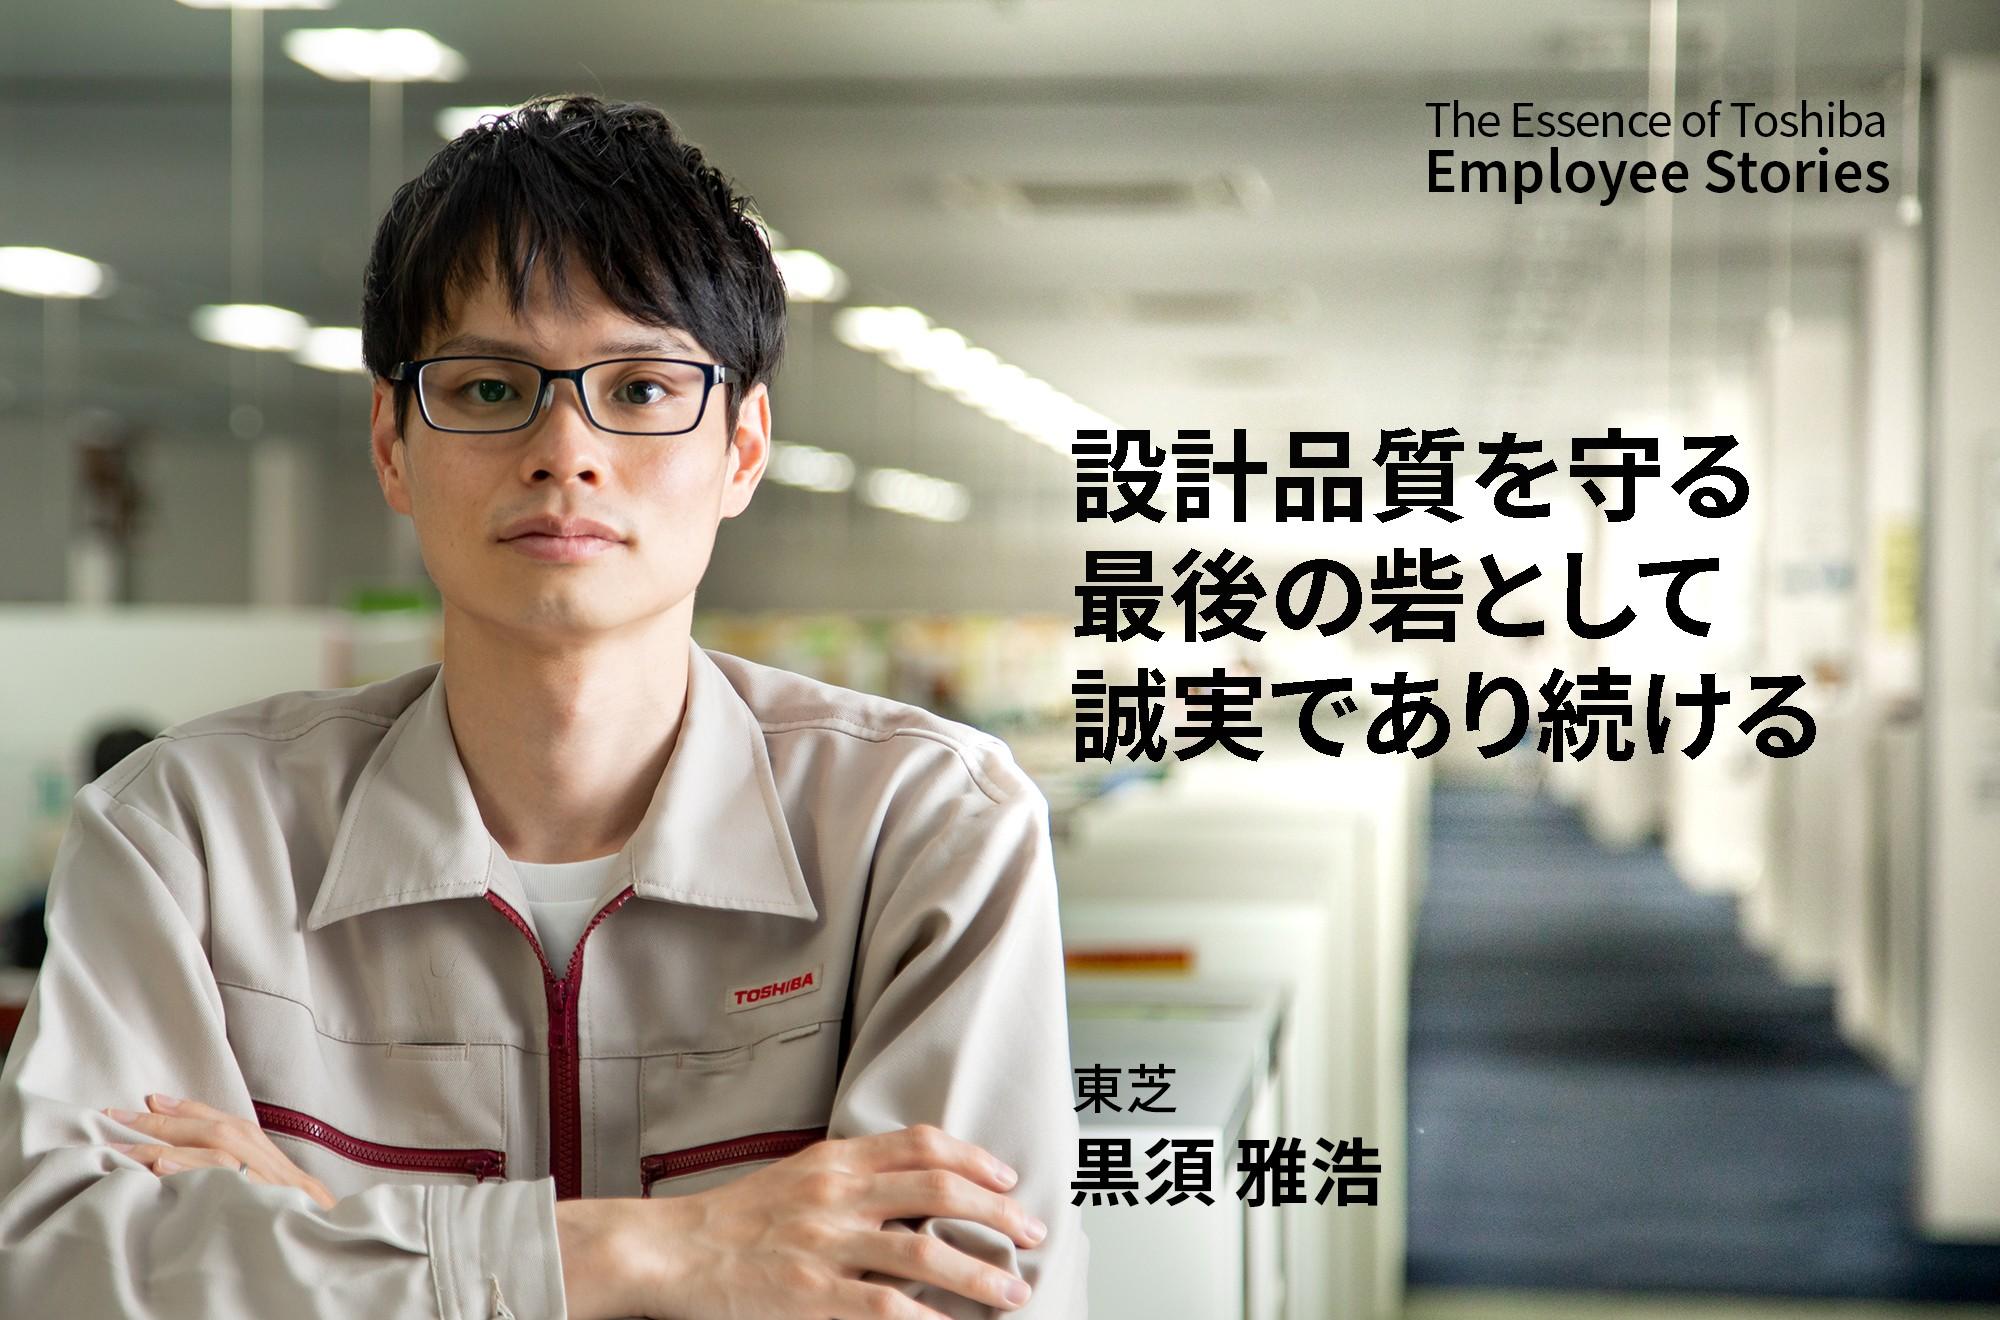 設計品質を守る最後の砦として、誠実であり続ける ~理念ストーリー We are Toshiba~